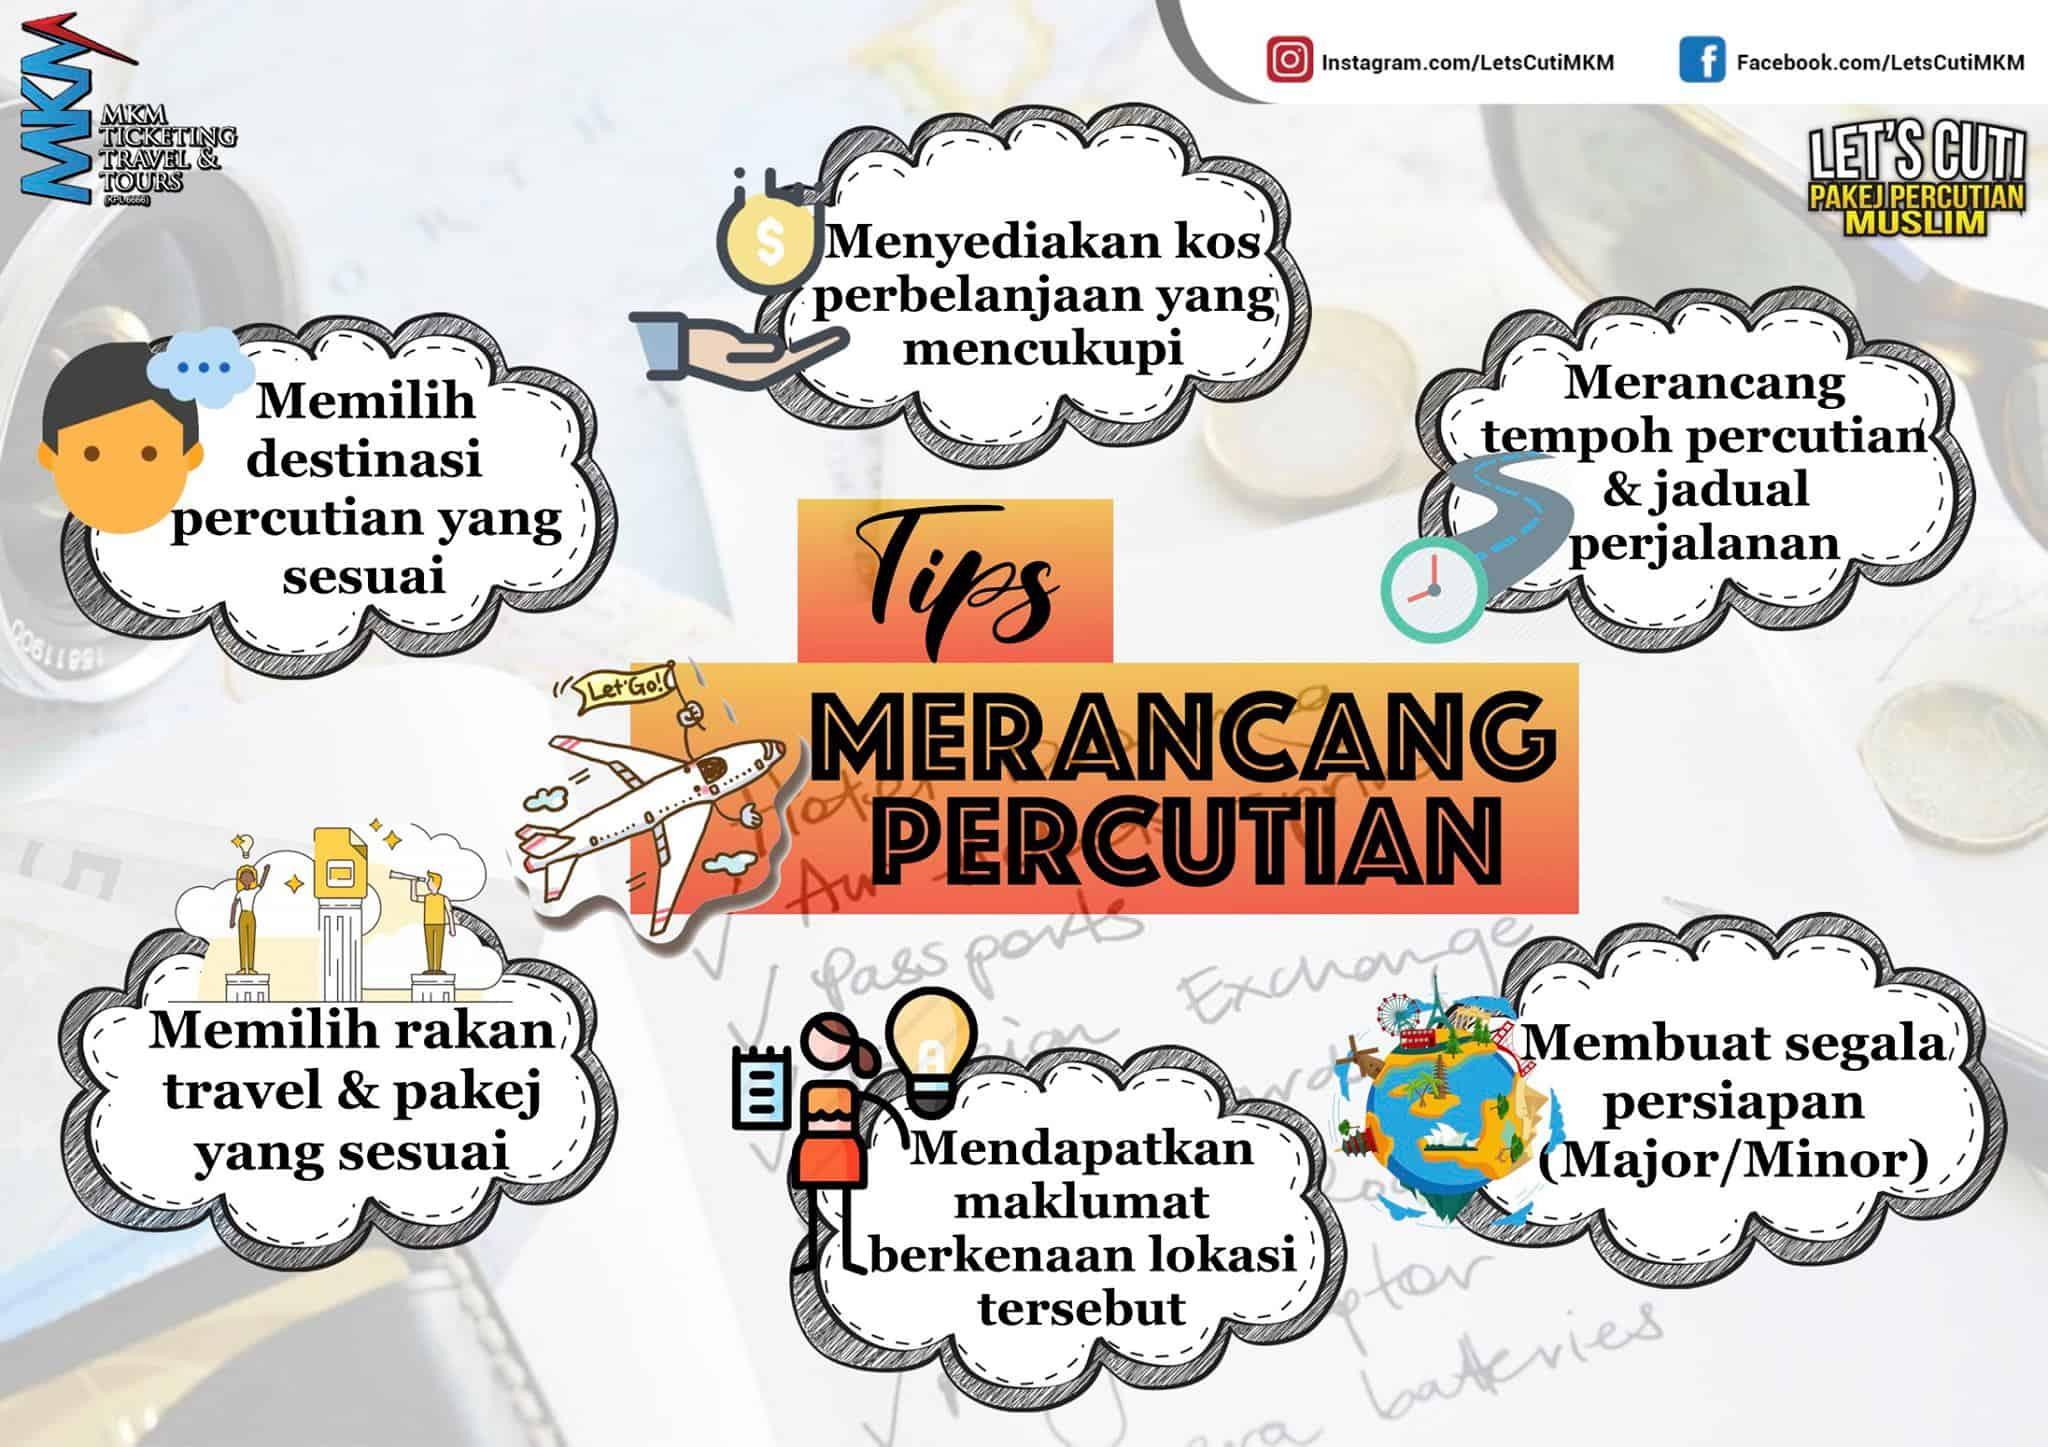 Tips Merancang Percutian